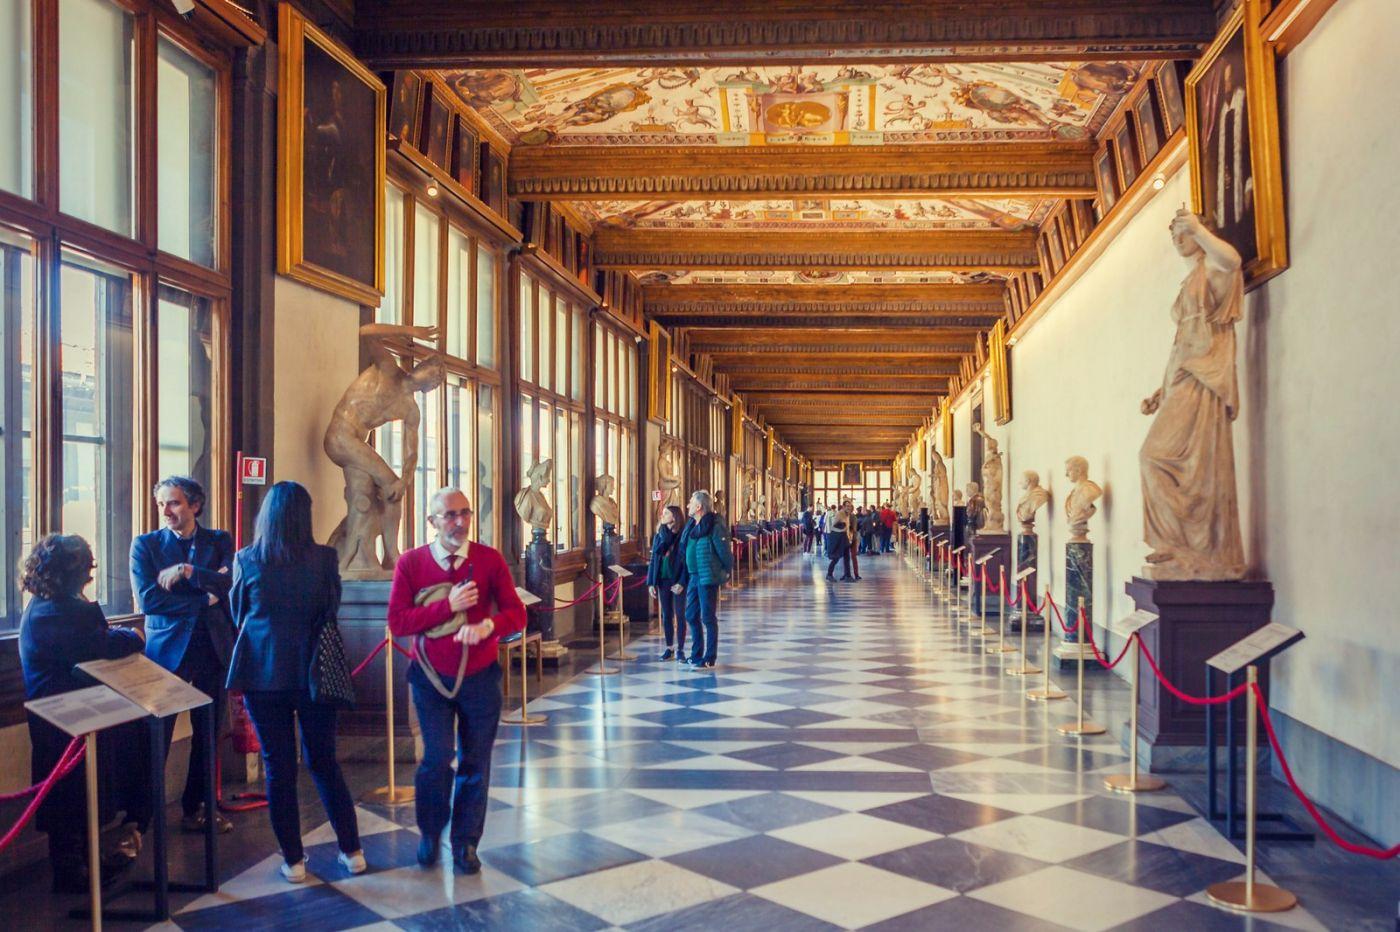 意大利佛罗伦斯乌菲兹美术馆, 进去看一看_图1-1